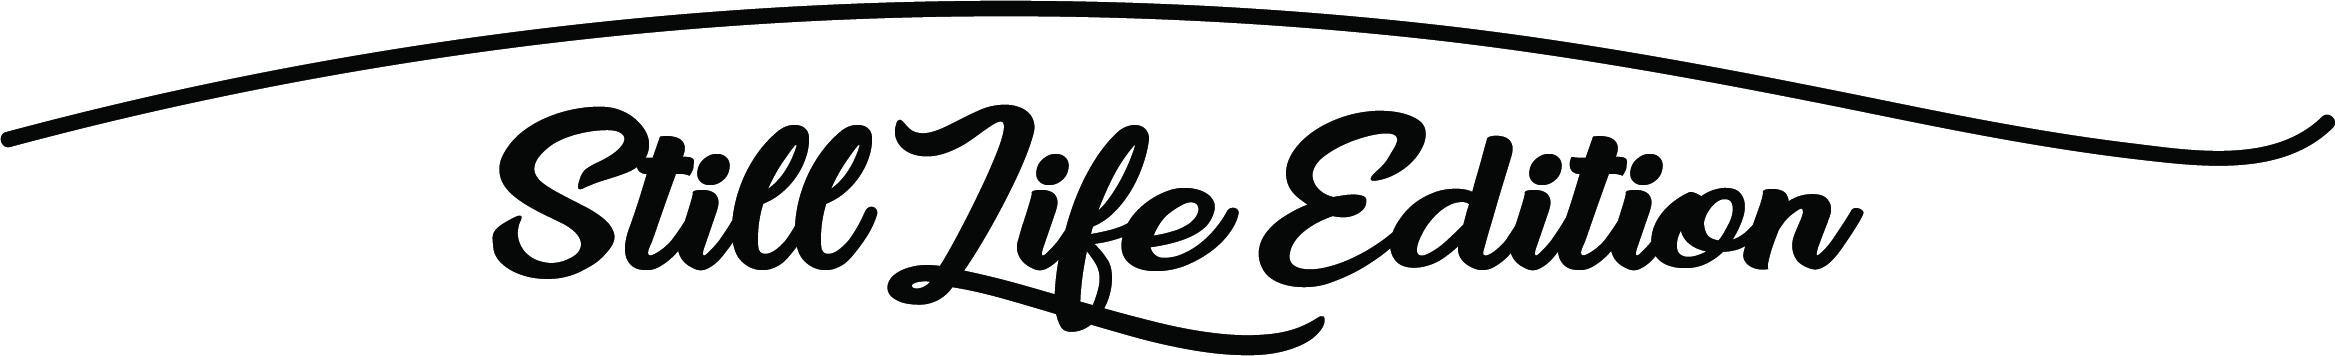 still_life_edition.jpg